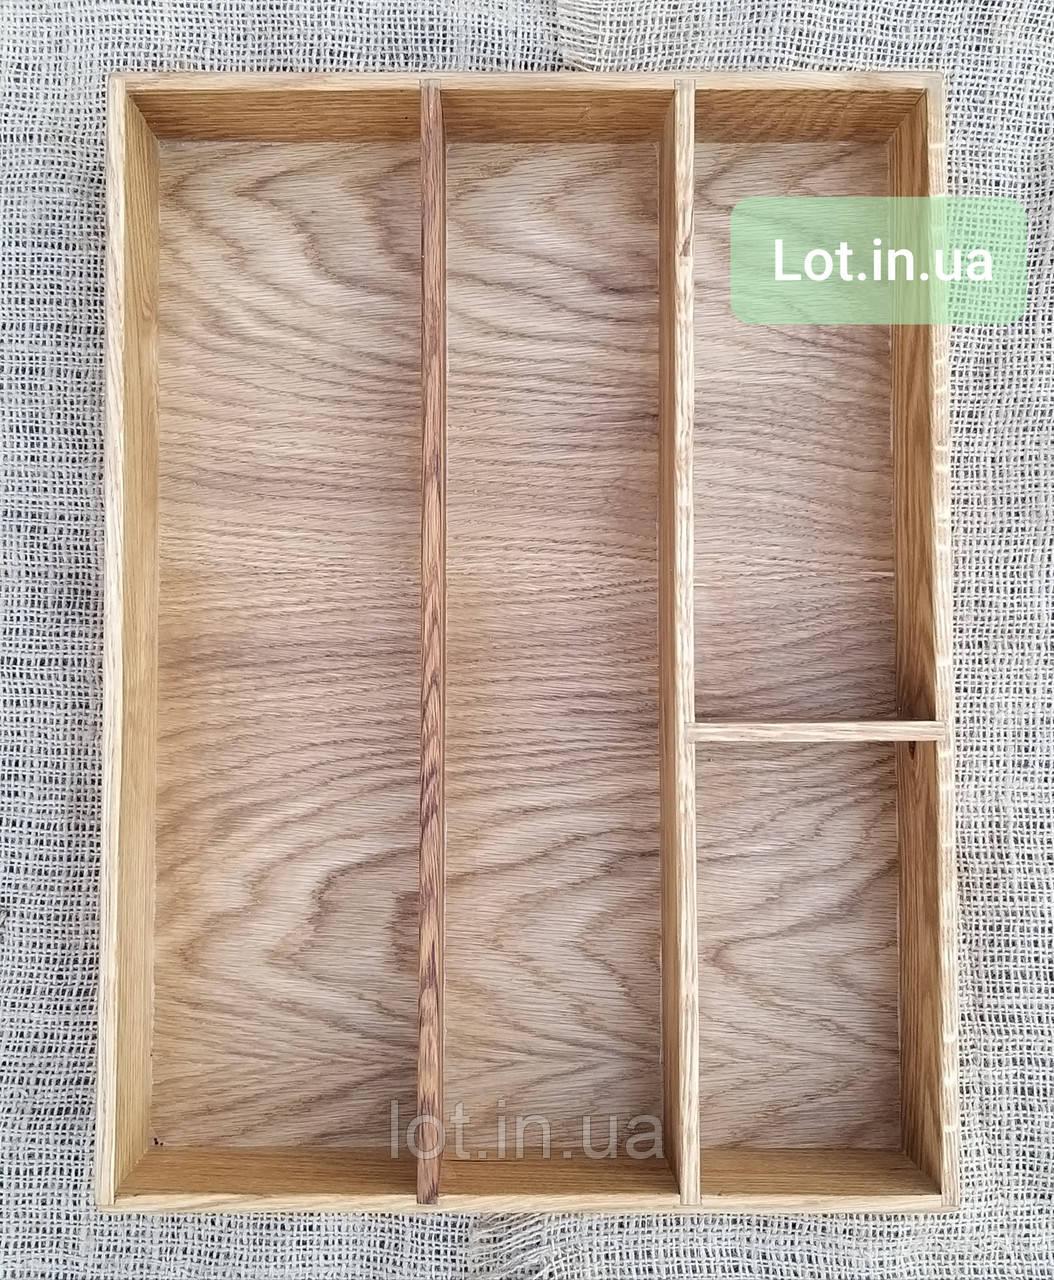 Деревянный лоток для столовых приборов Lot 404 300х400. (индивидуальные размеры)